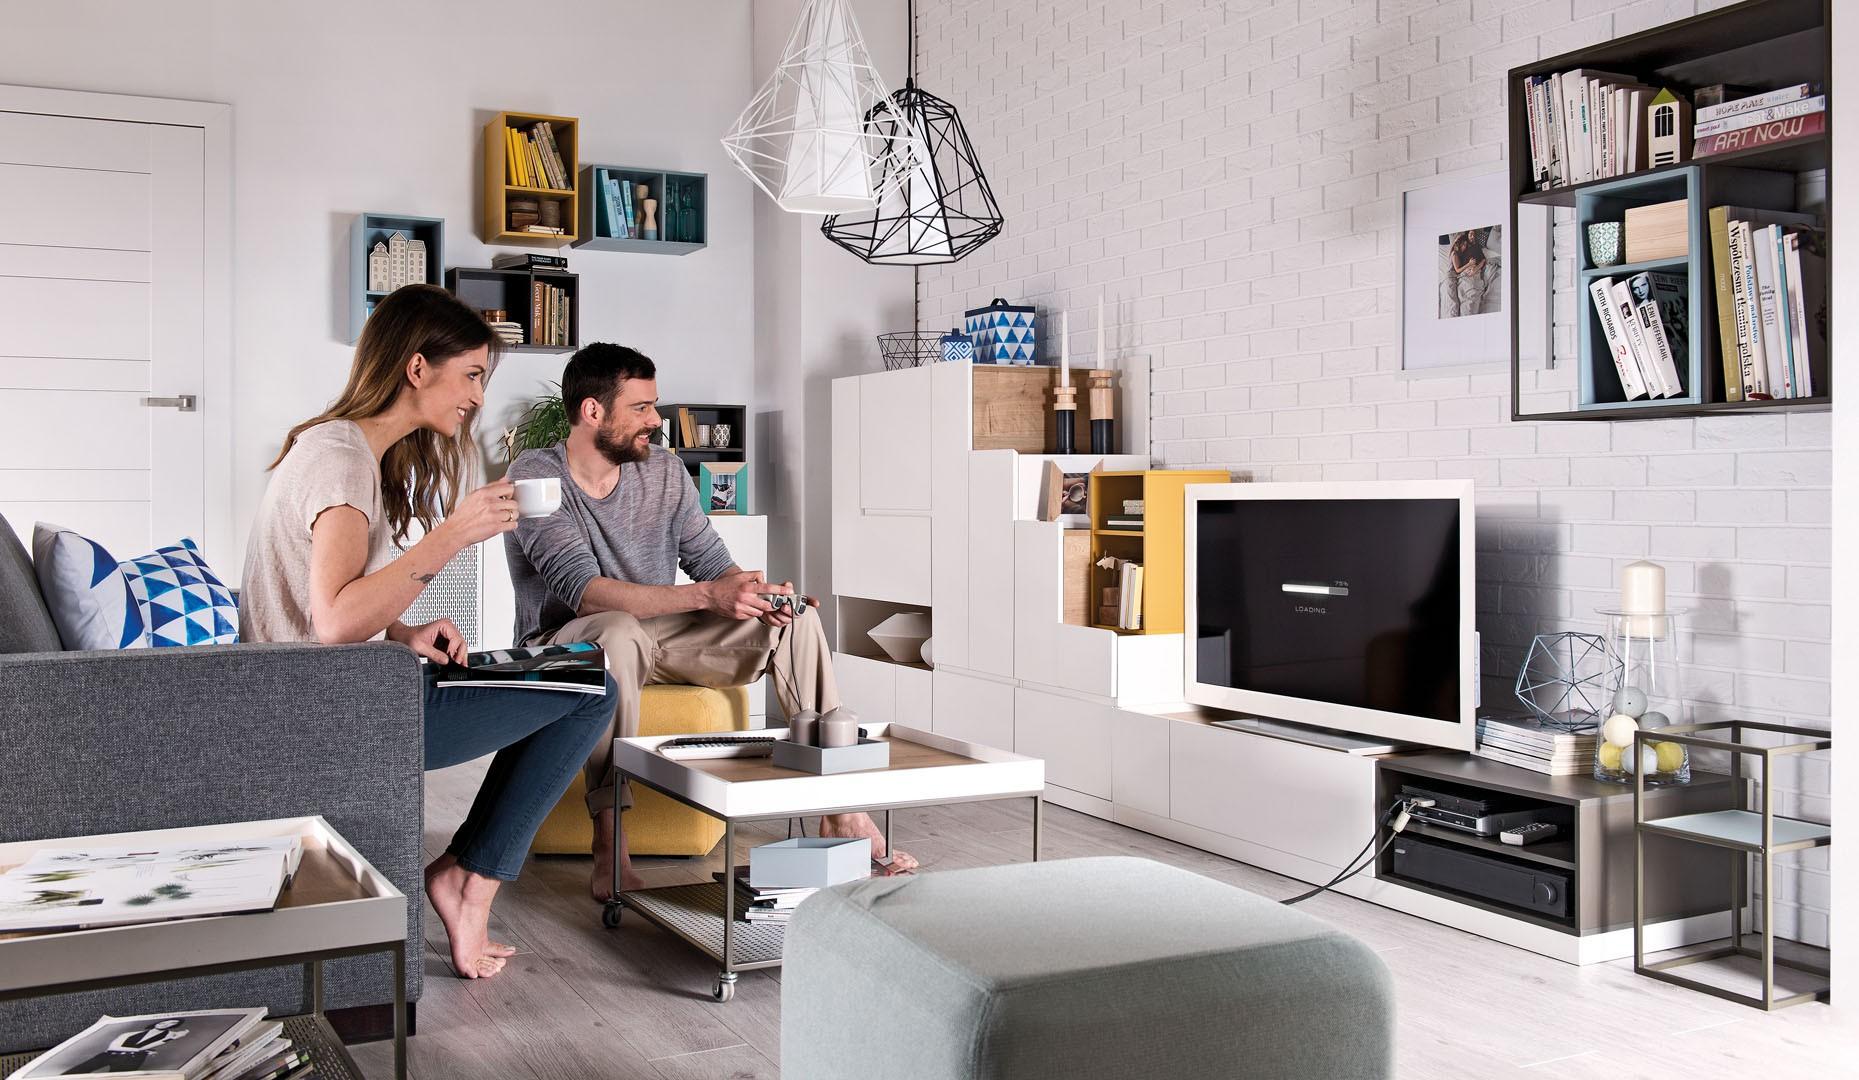 Szafka RTV z kolekcji Muto, wykonana z białej płyty w matowym kolorze. Drewniane korpusy ocieplają całość aranżacji. Fot. Meble Vox